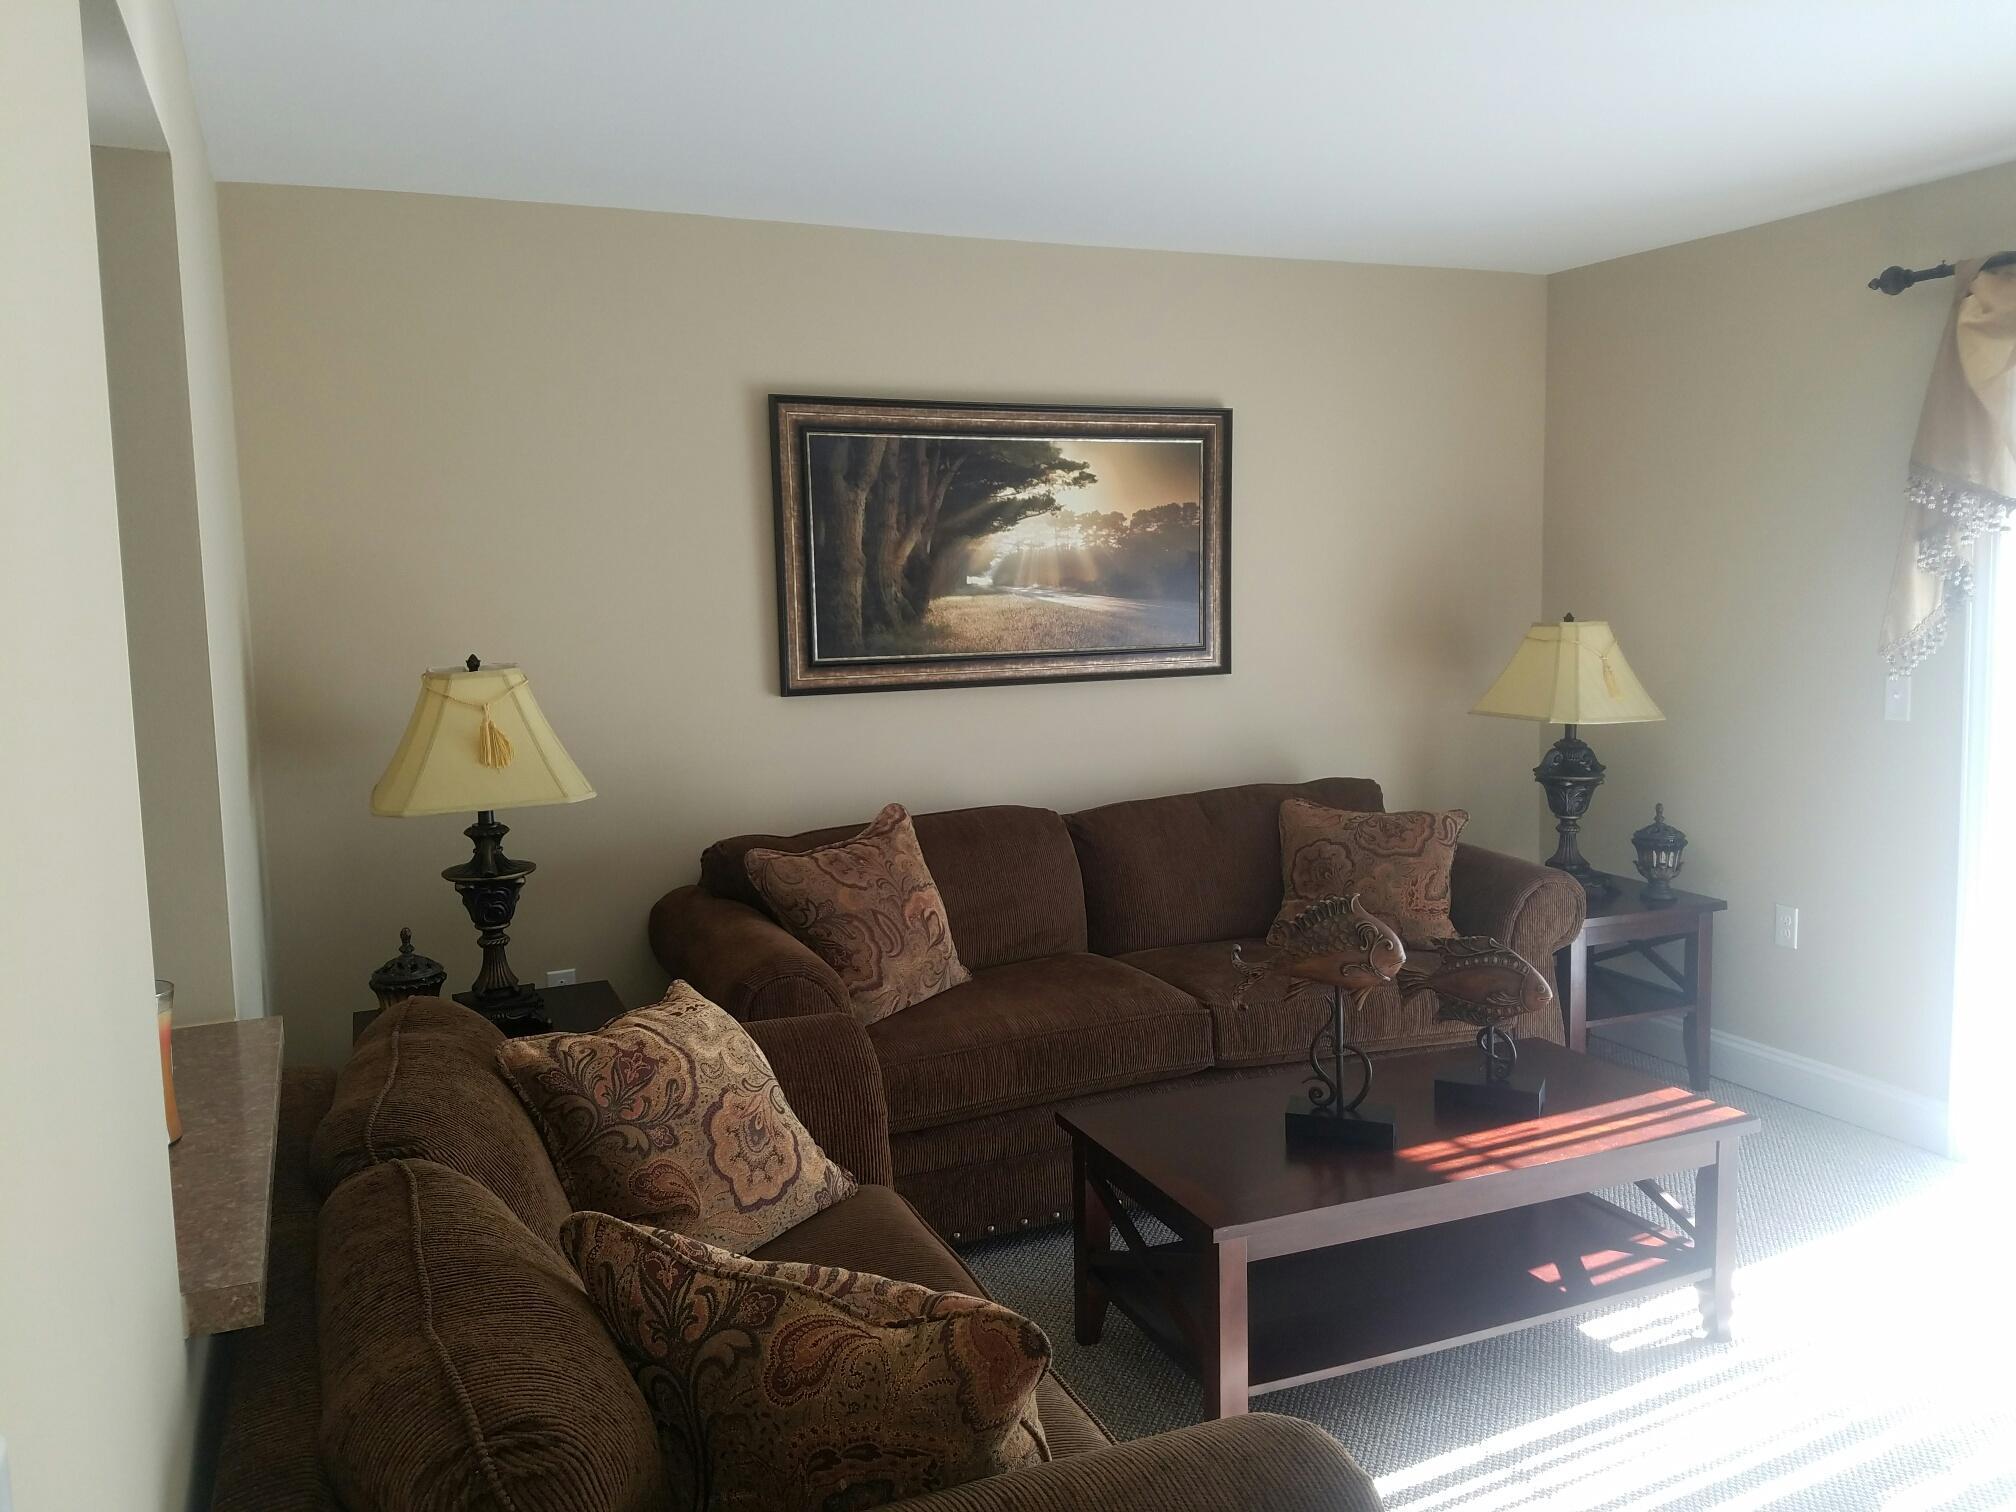 interior painting contractor - Buffalo, NY